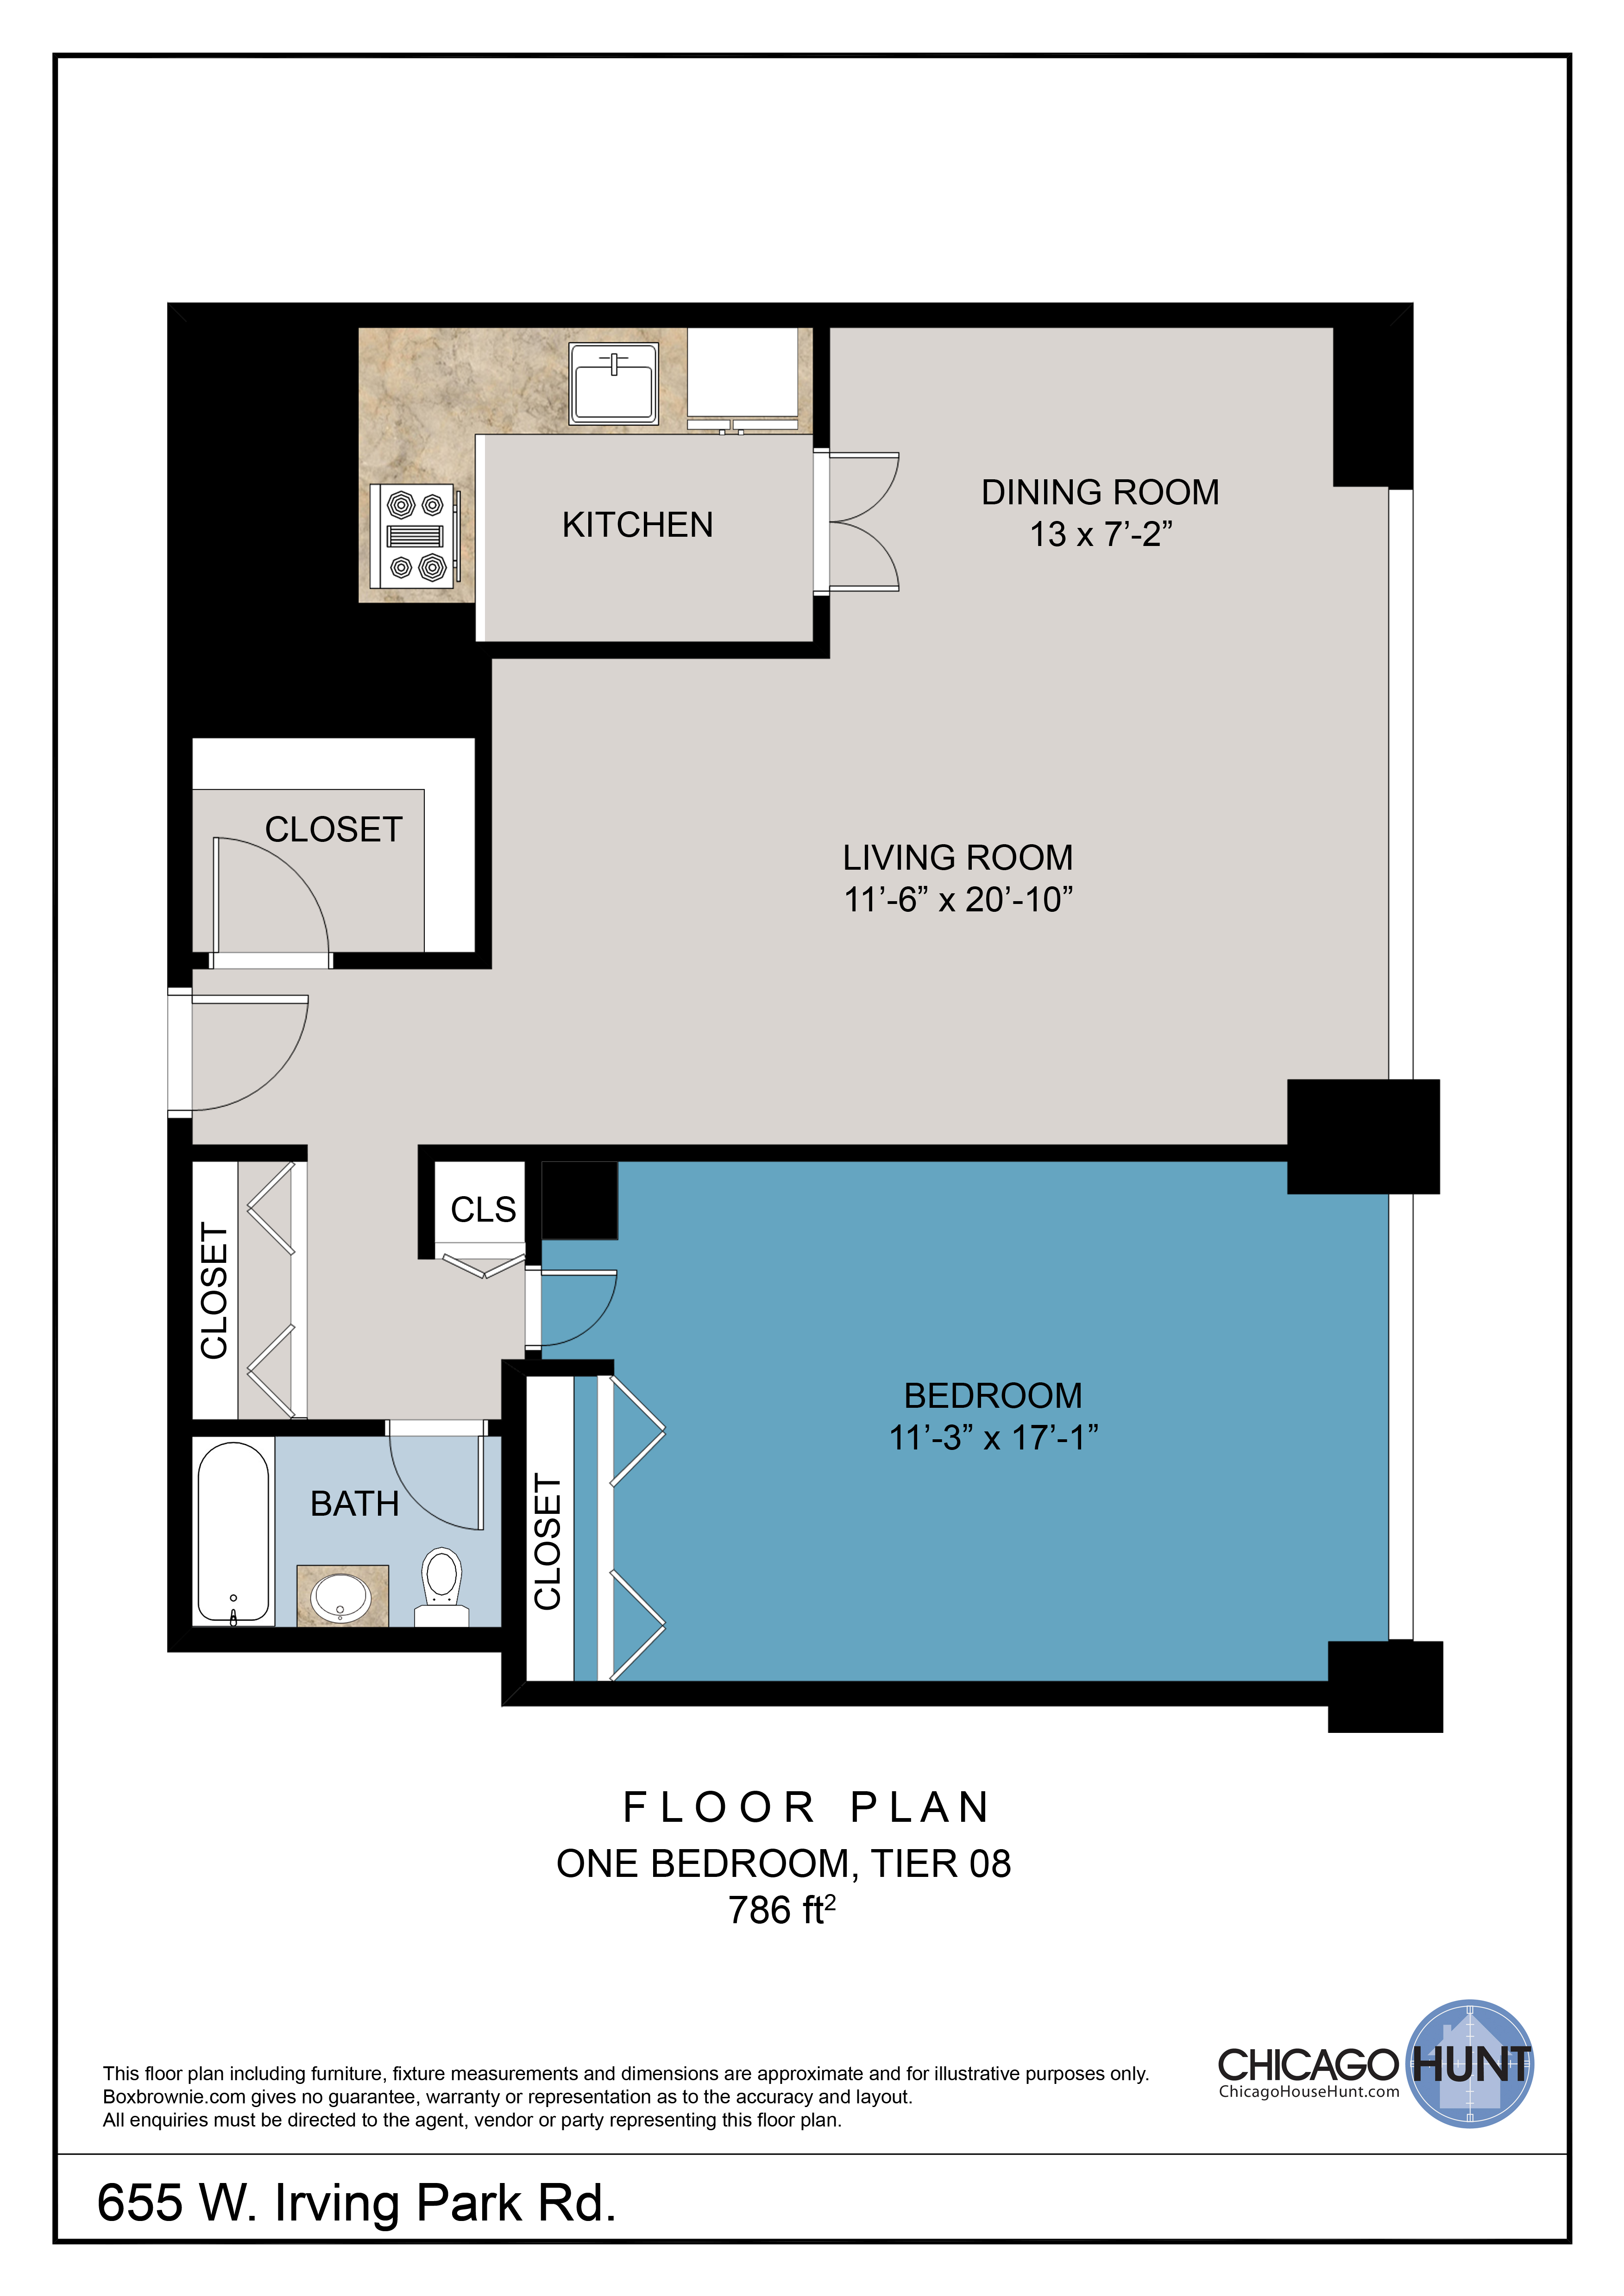 655 Irving Park, Park Place Towere - Floor Plan - Tier 08